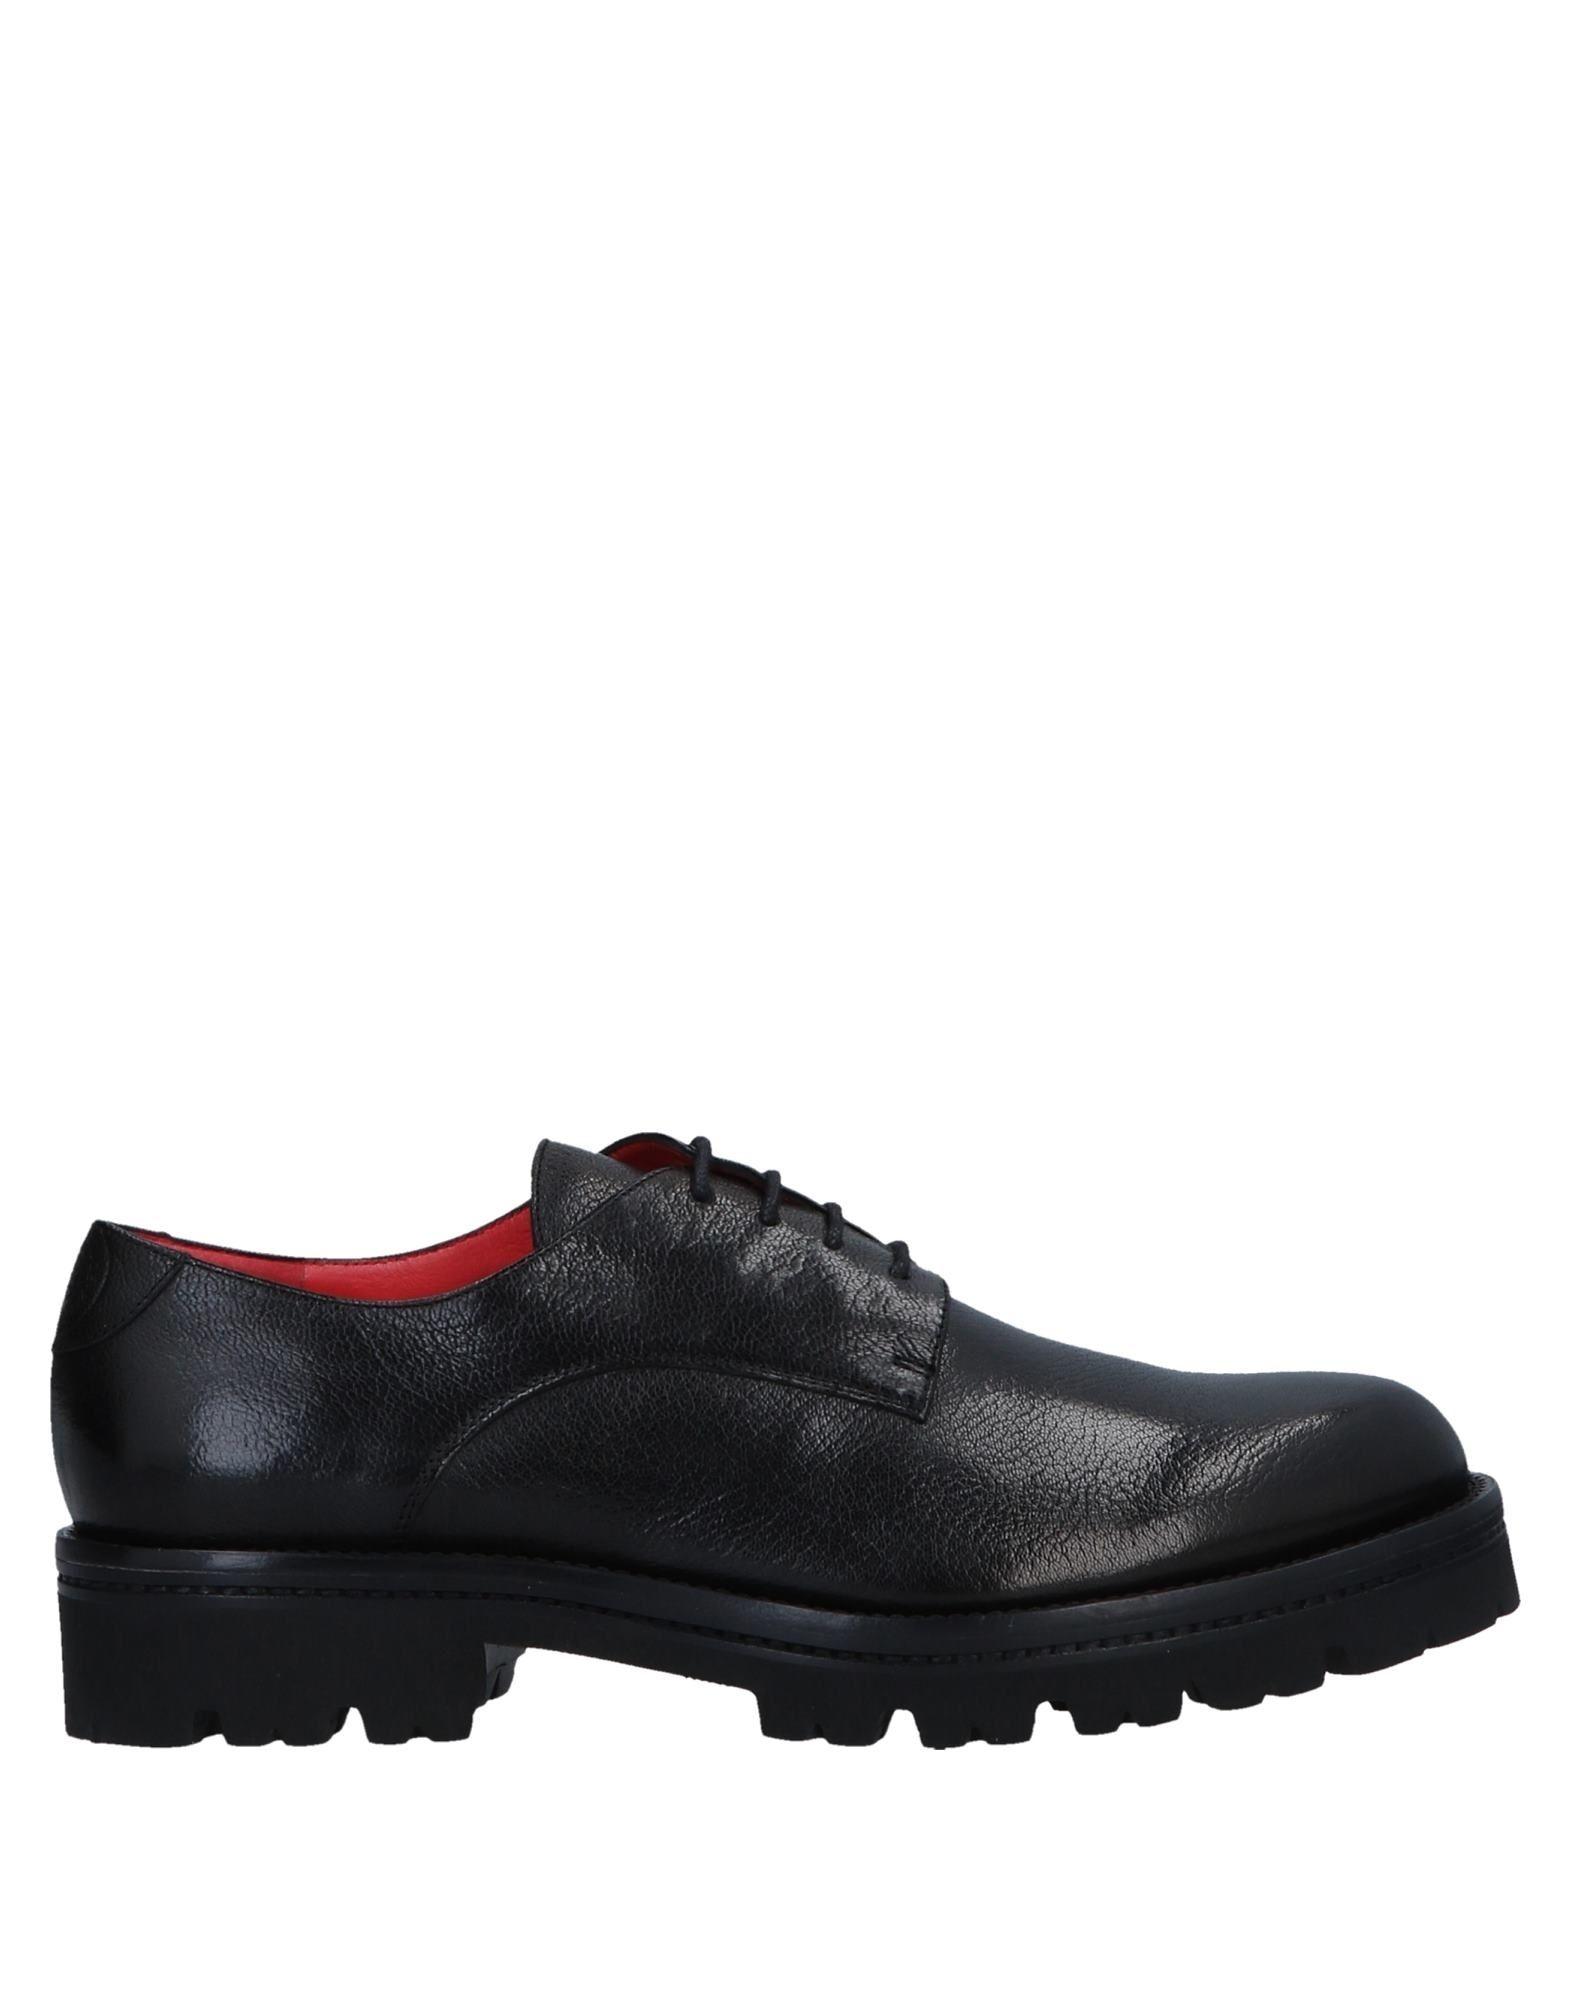 Pas De Rouge Schnürschuhe Damen  11510948JIGut aussehende strapazierfähige Schuhe